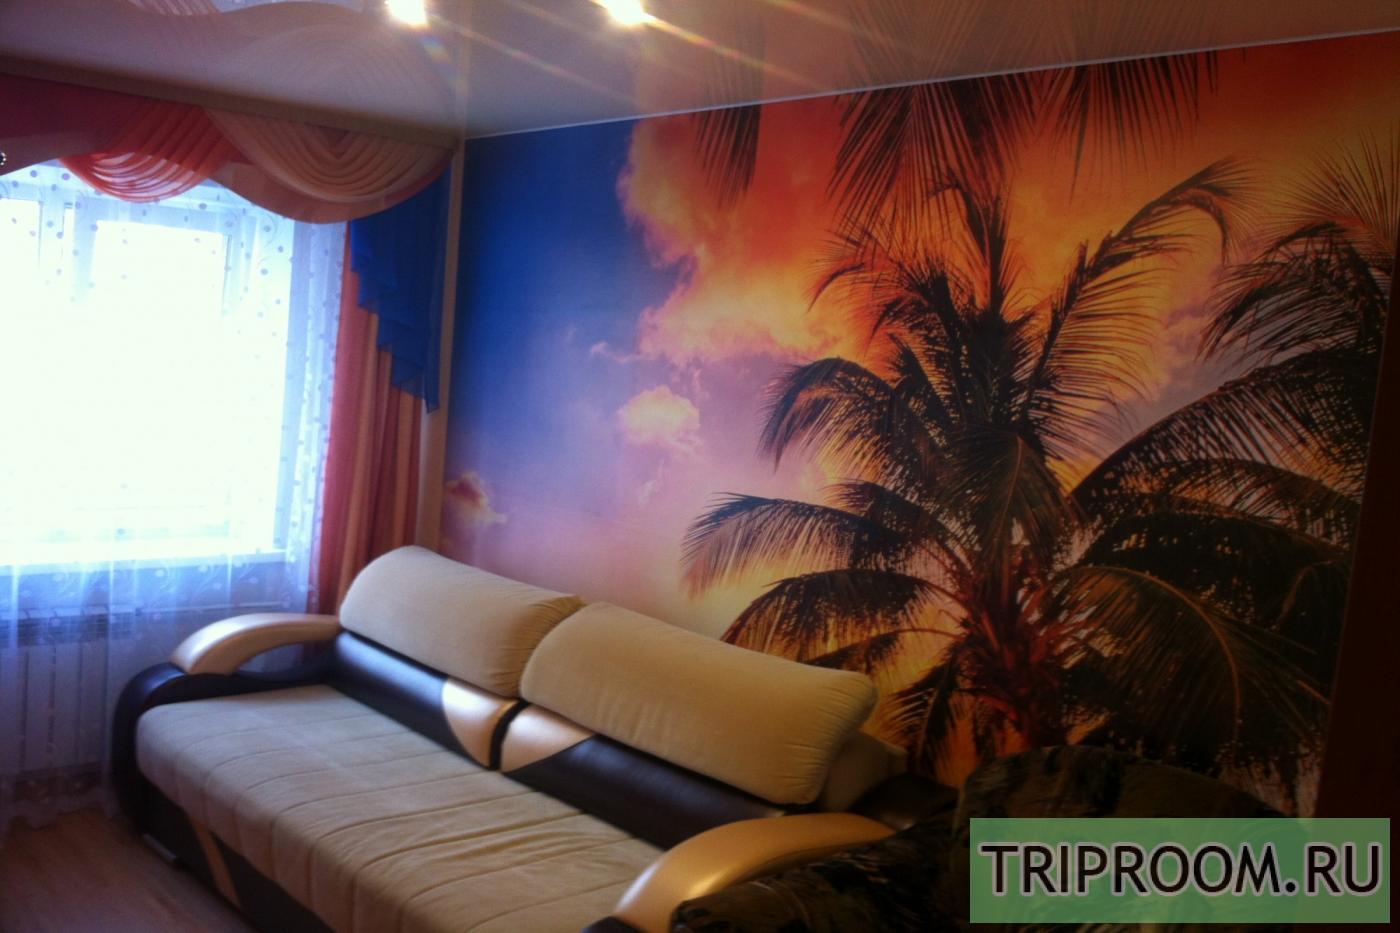 3-комнатная квартира посуточно (вариант № 32013), ул. Верхнепортовая улица, фото № 1